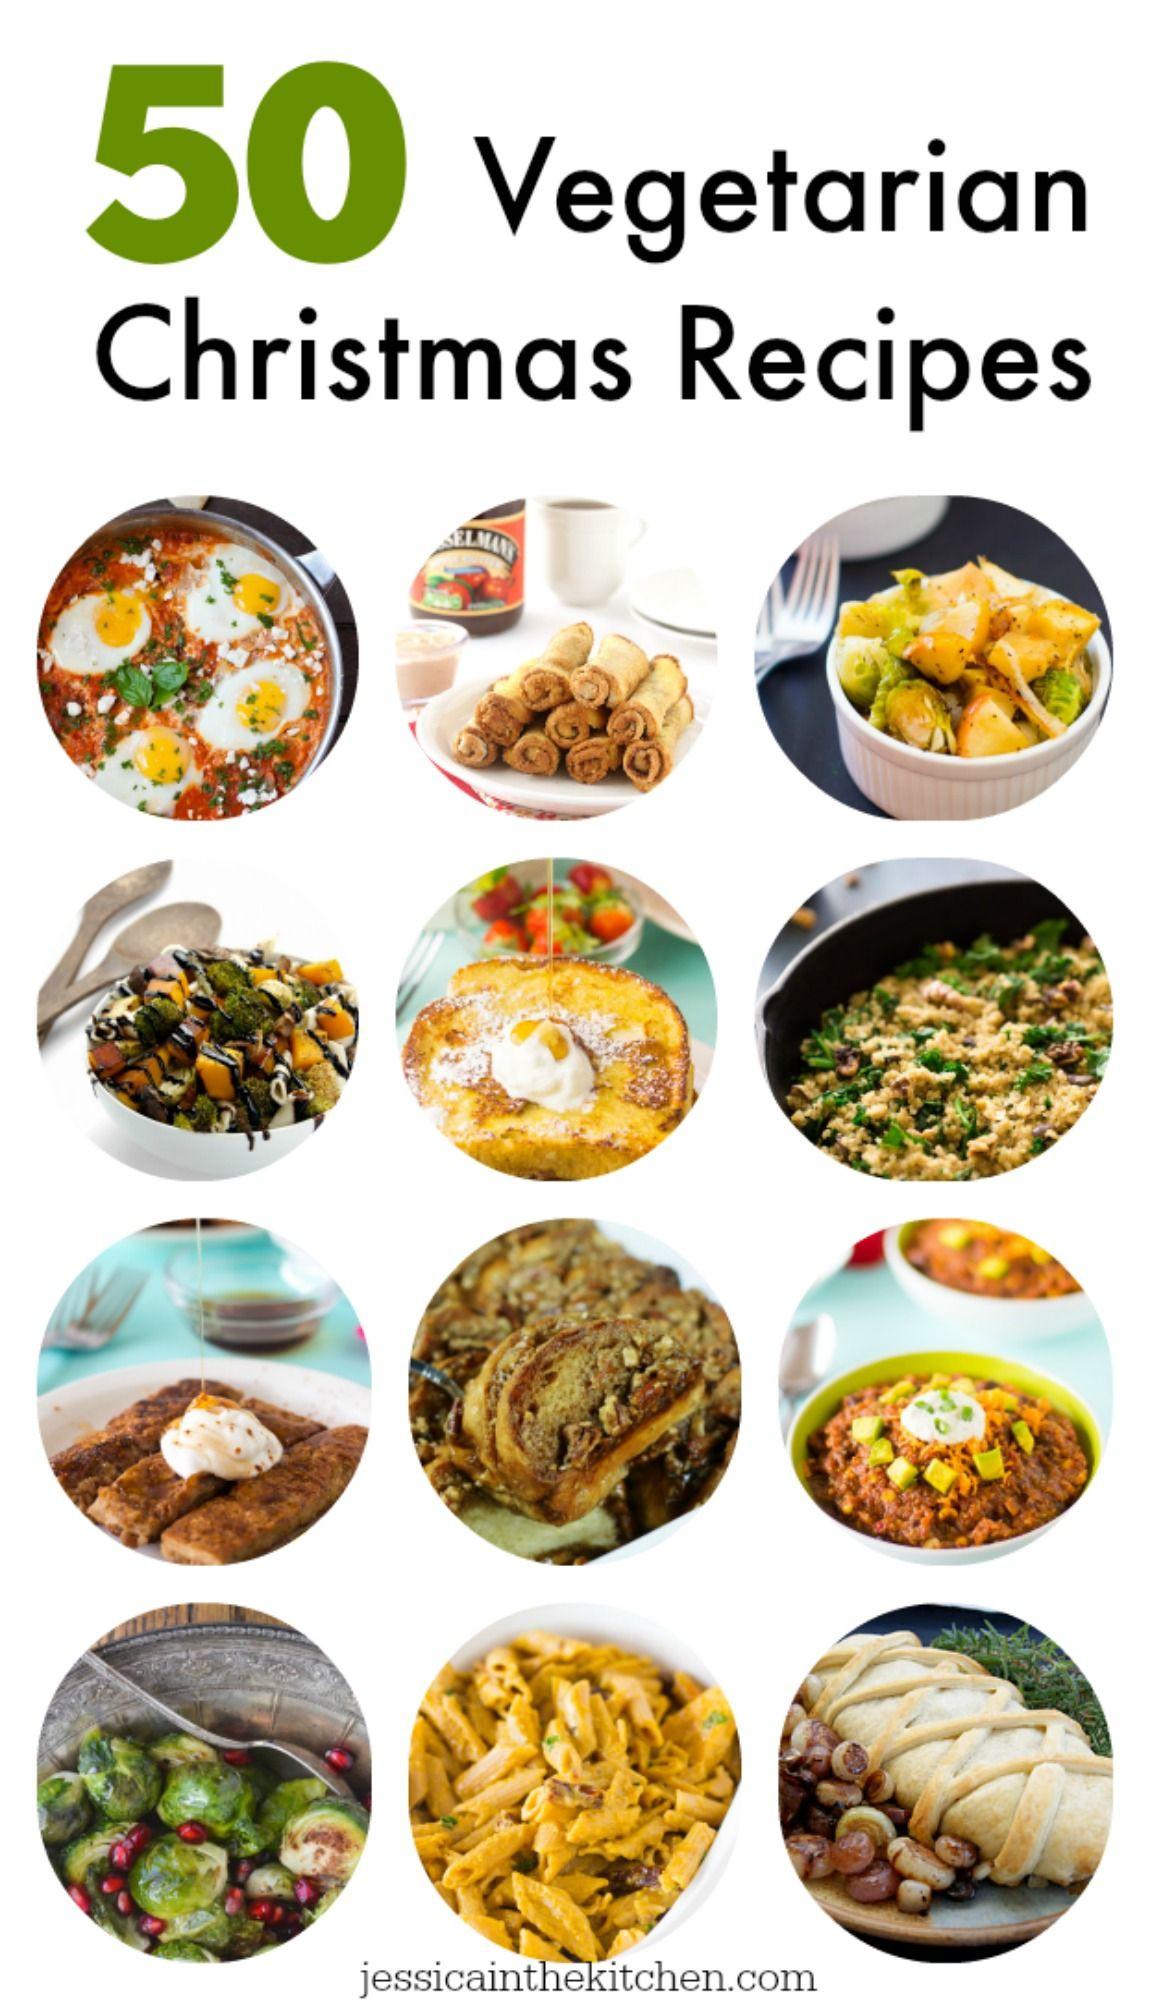 Vegetarian Christmas Dinner Recipes  Best 25 Ve arian christmas recipes ideas on Pinterest